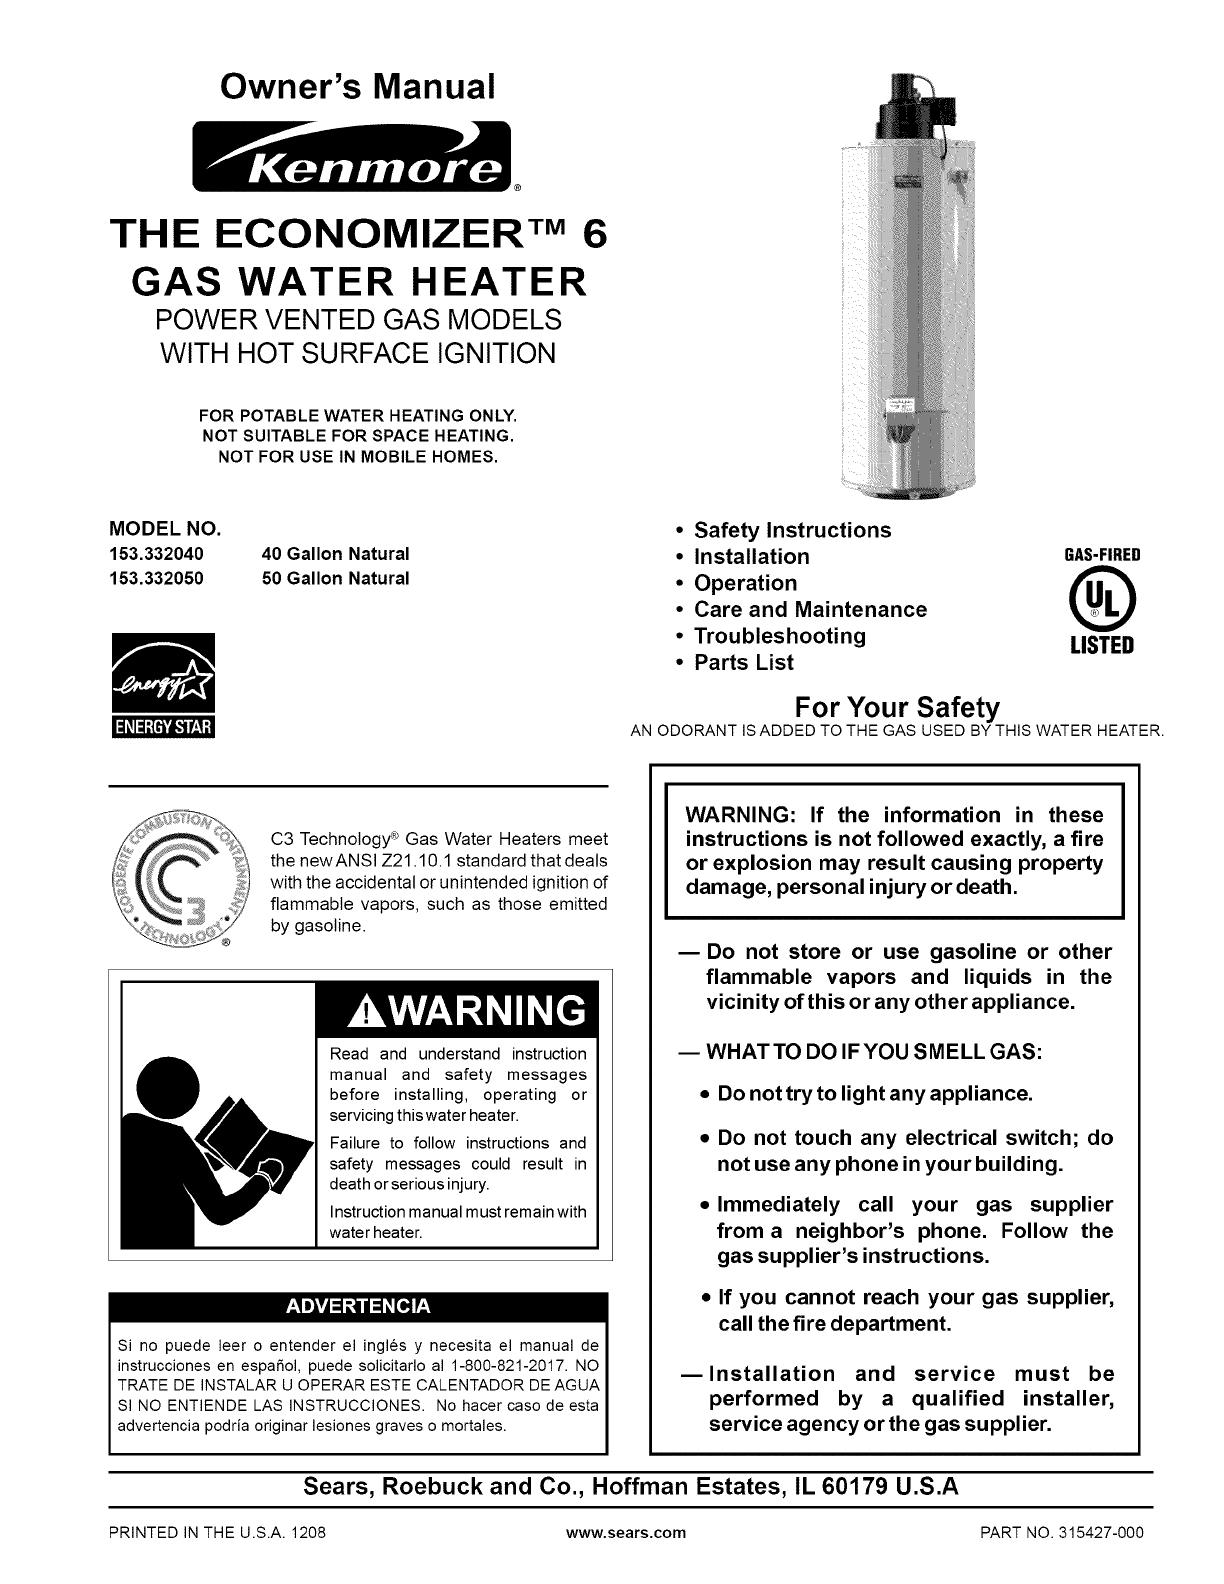 gas water heater diagram kenmore 153332040 user manual gas water heater manuals and guides gas water heater schematic diagram 153332040 user manual gas water heater